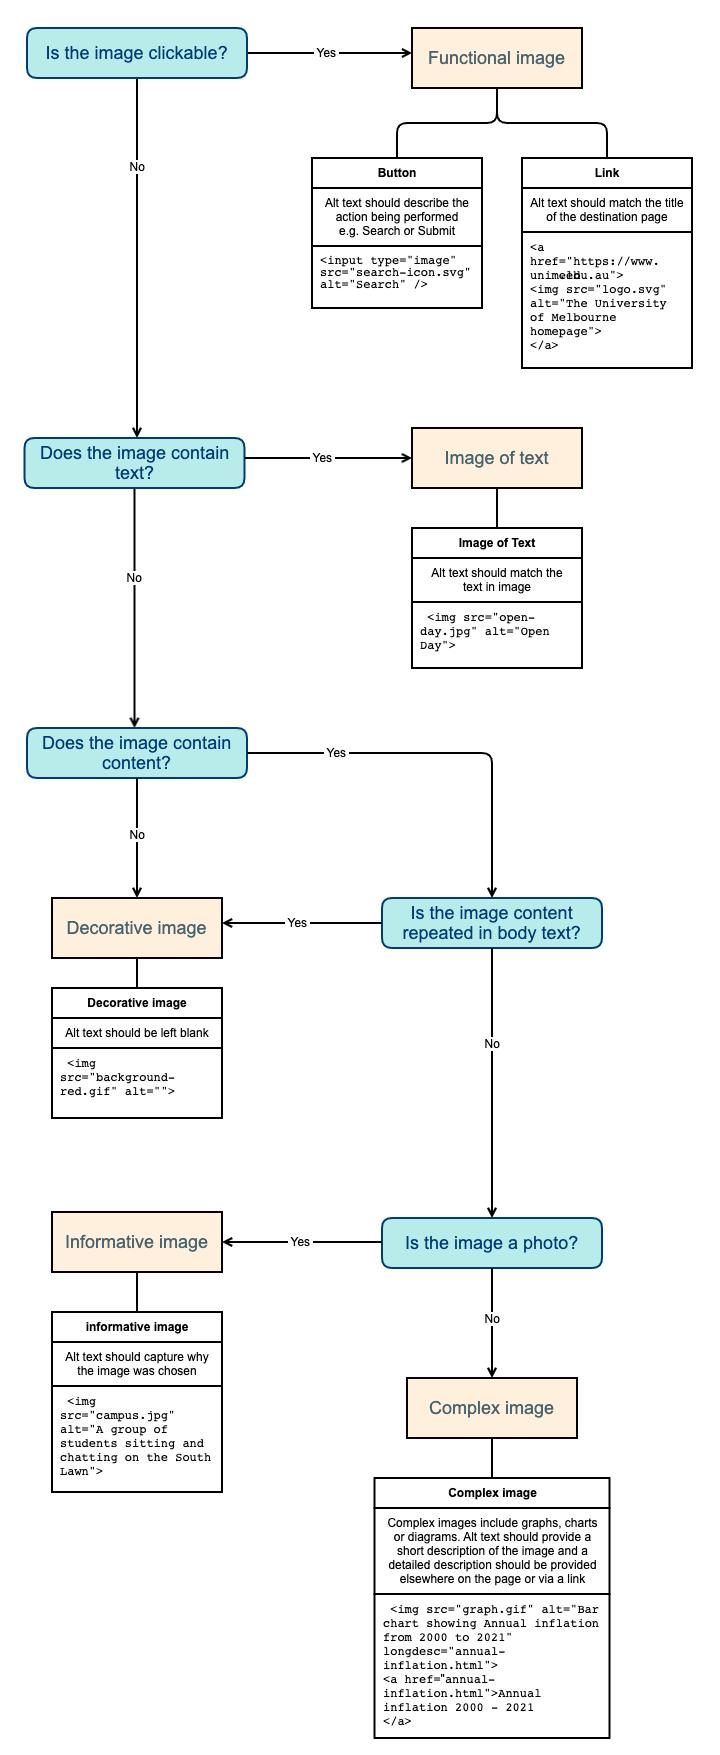 Decision making flowchart for alt text